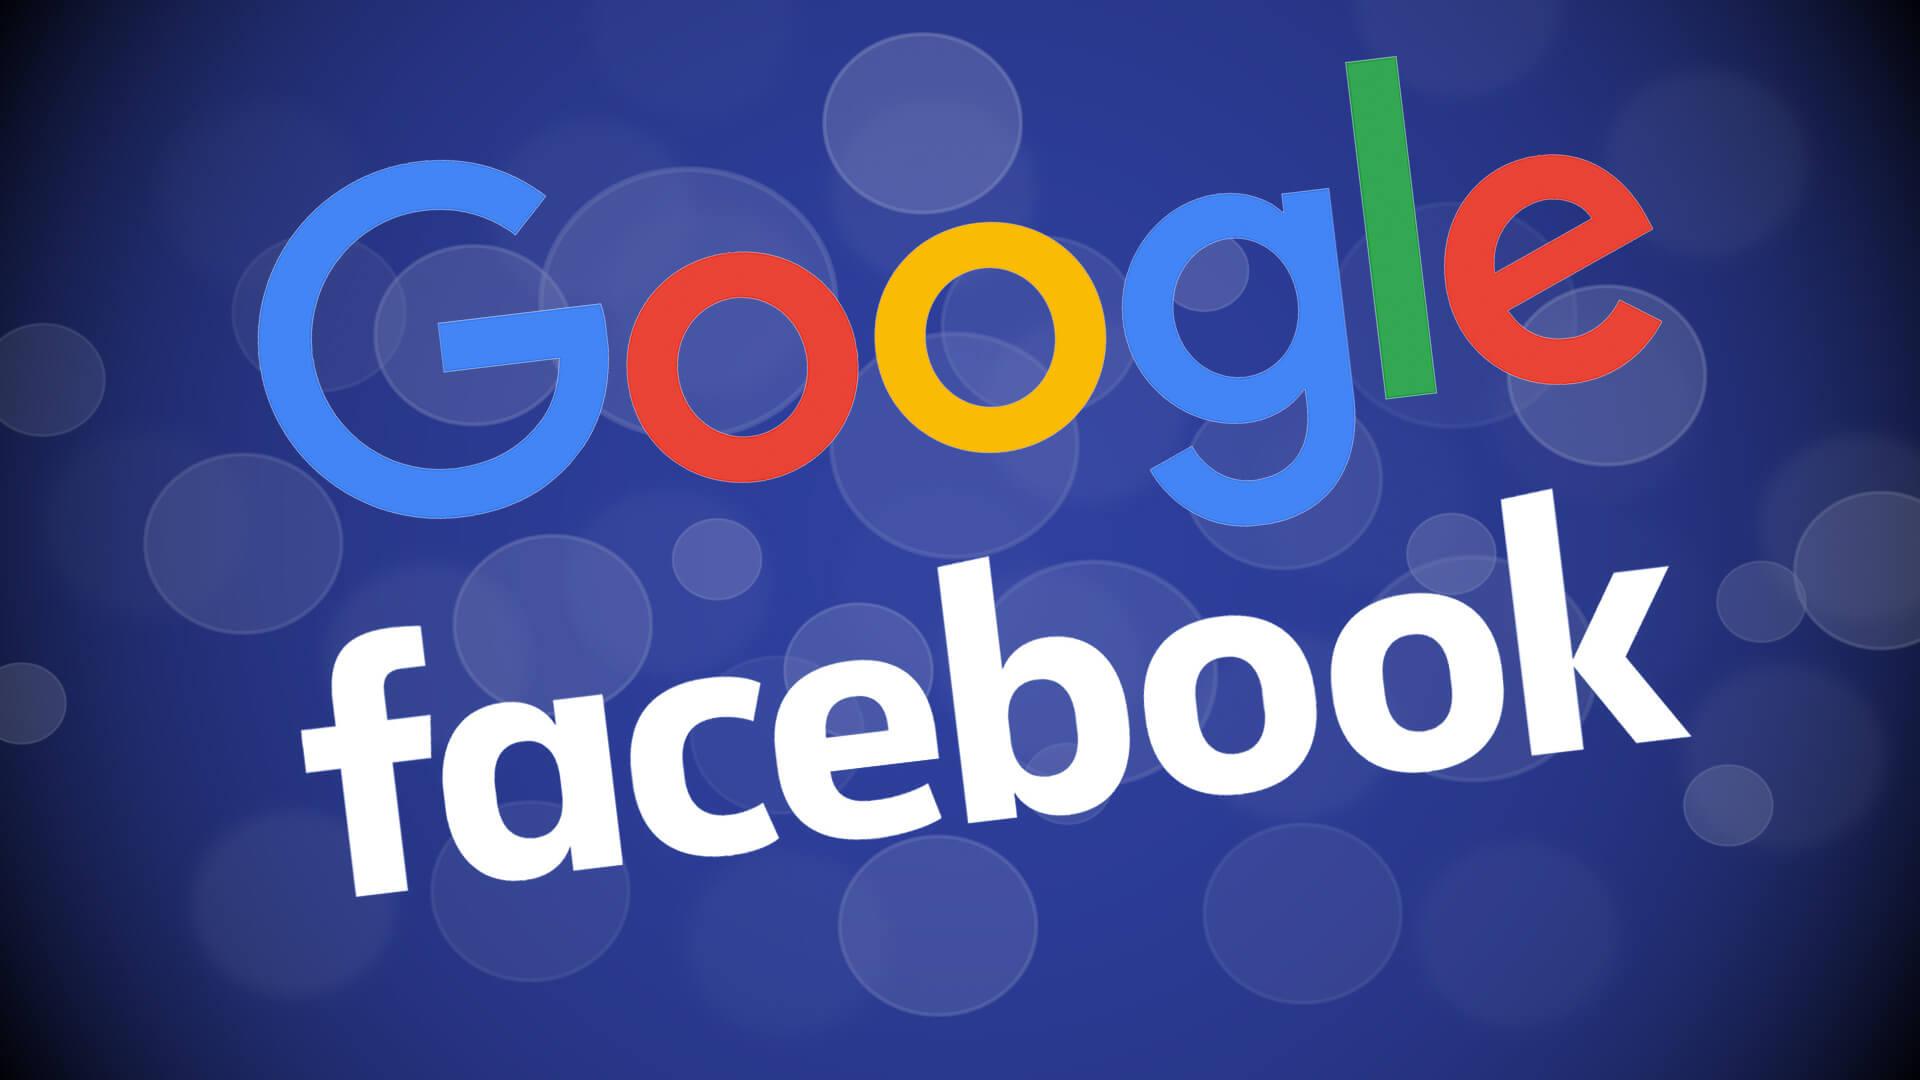 """للحدّ من خسائر الصحافة المغربيّة : نحو قانون يفرض ضرائب على """"غوغل"""" و""""فيسبوك""""!"""